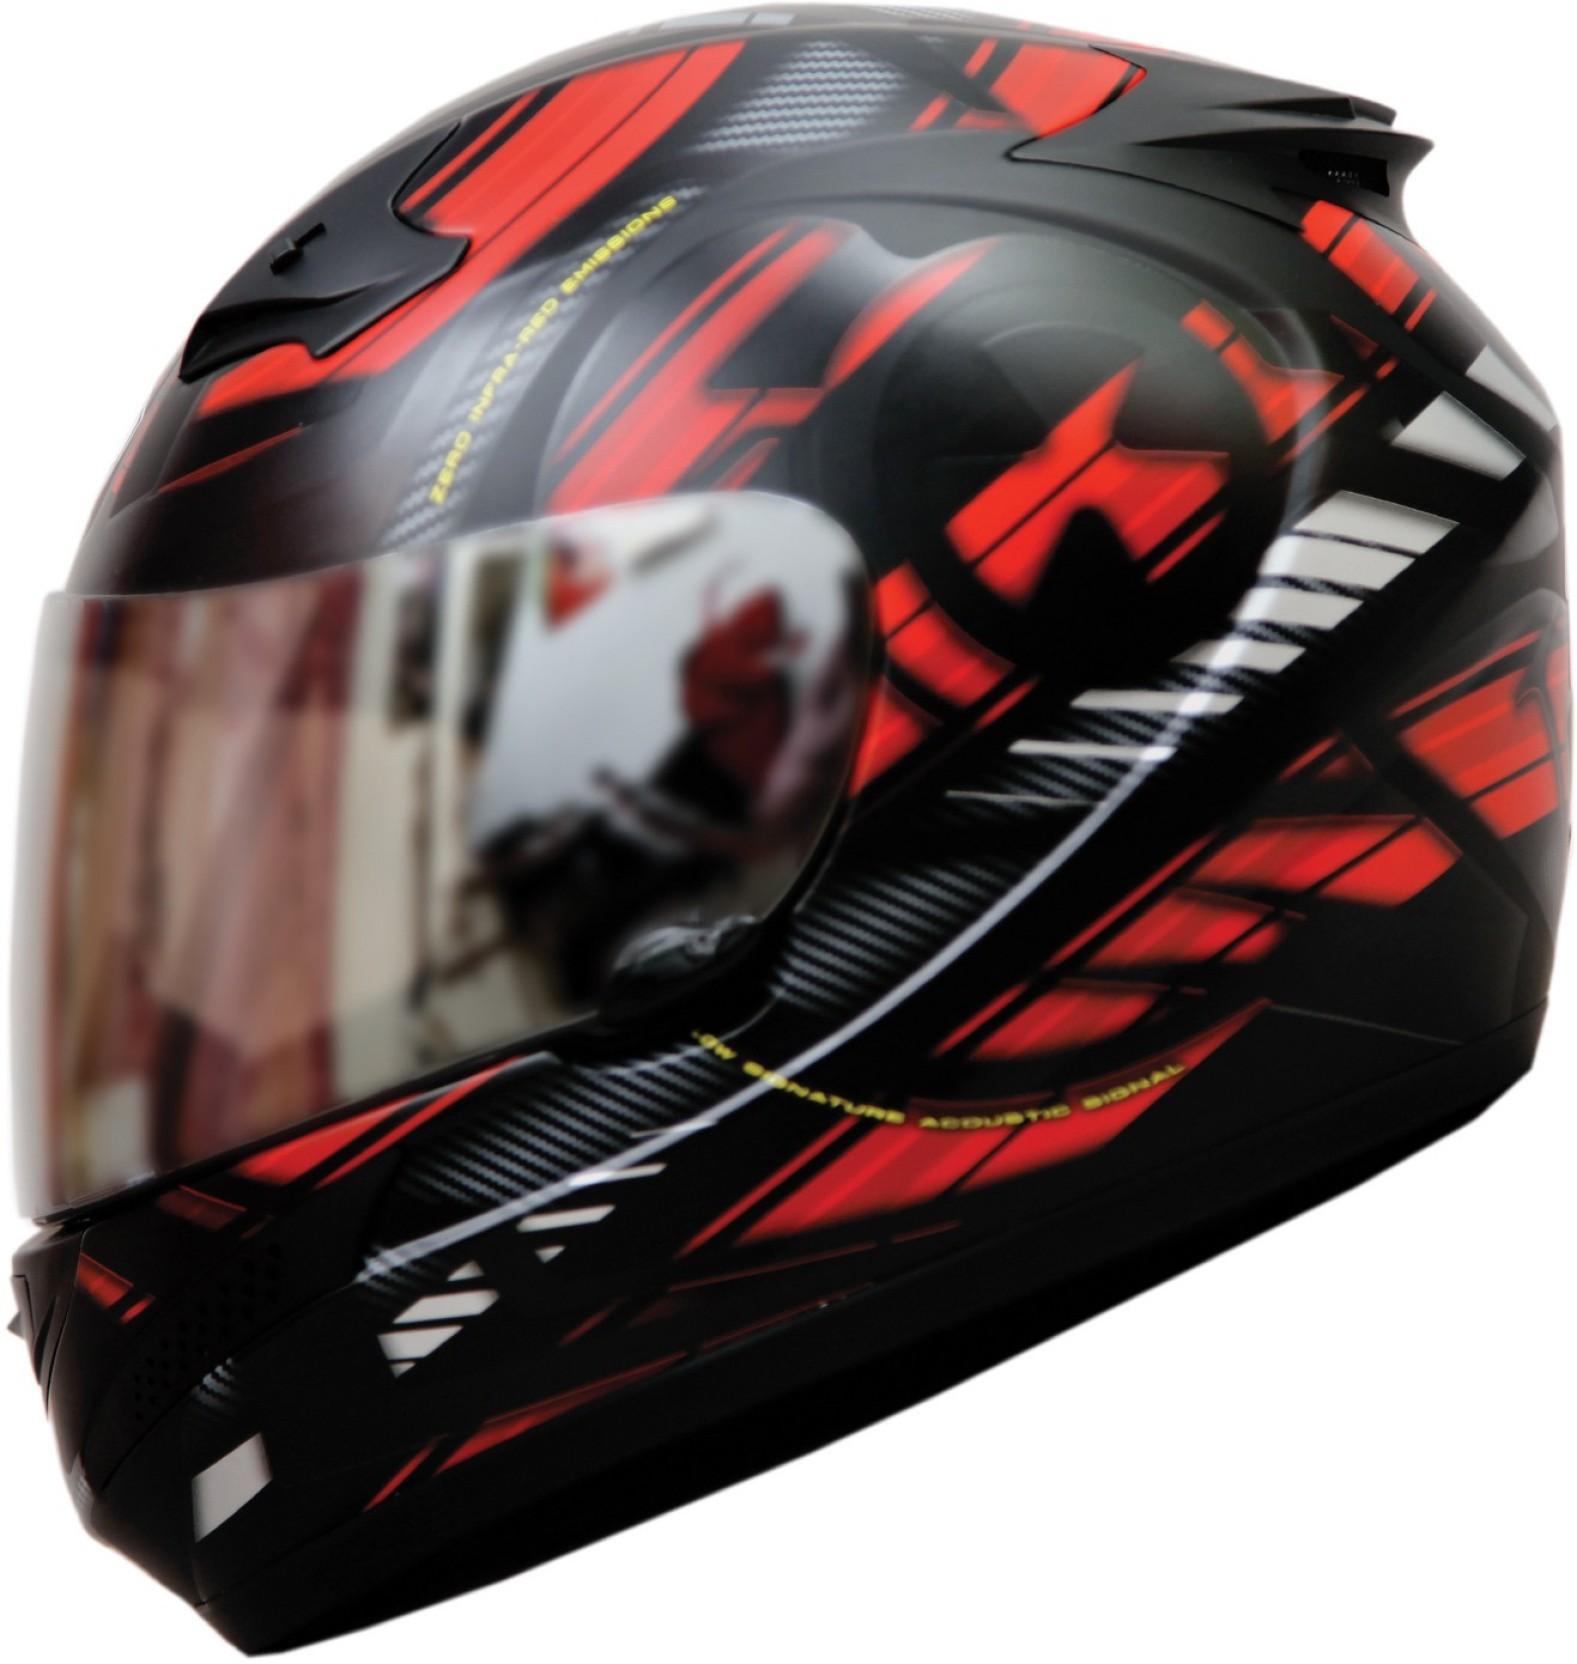 e83e8a49 Thh T76 Helmet Visor : Ash Cycles